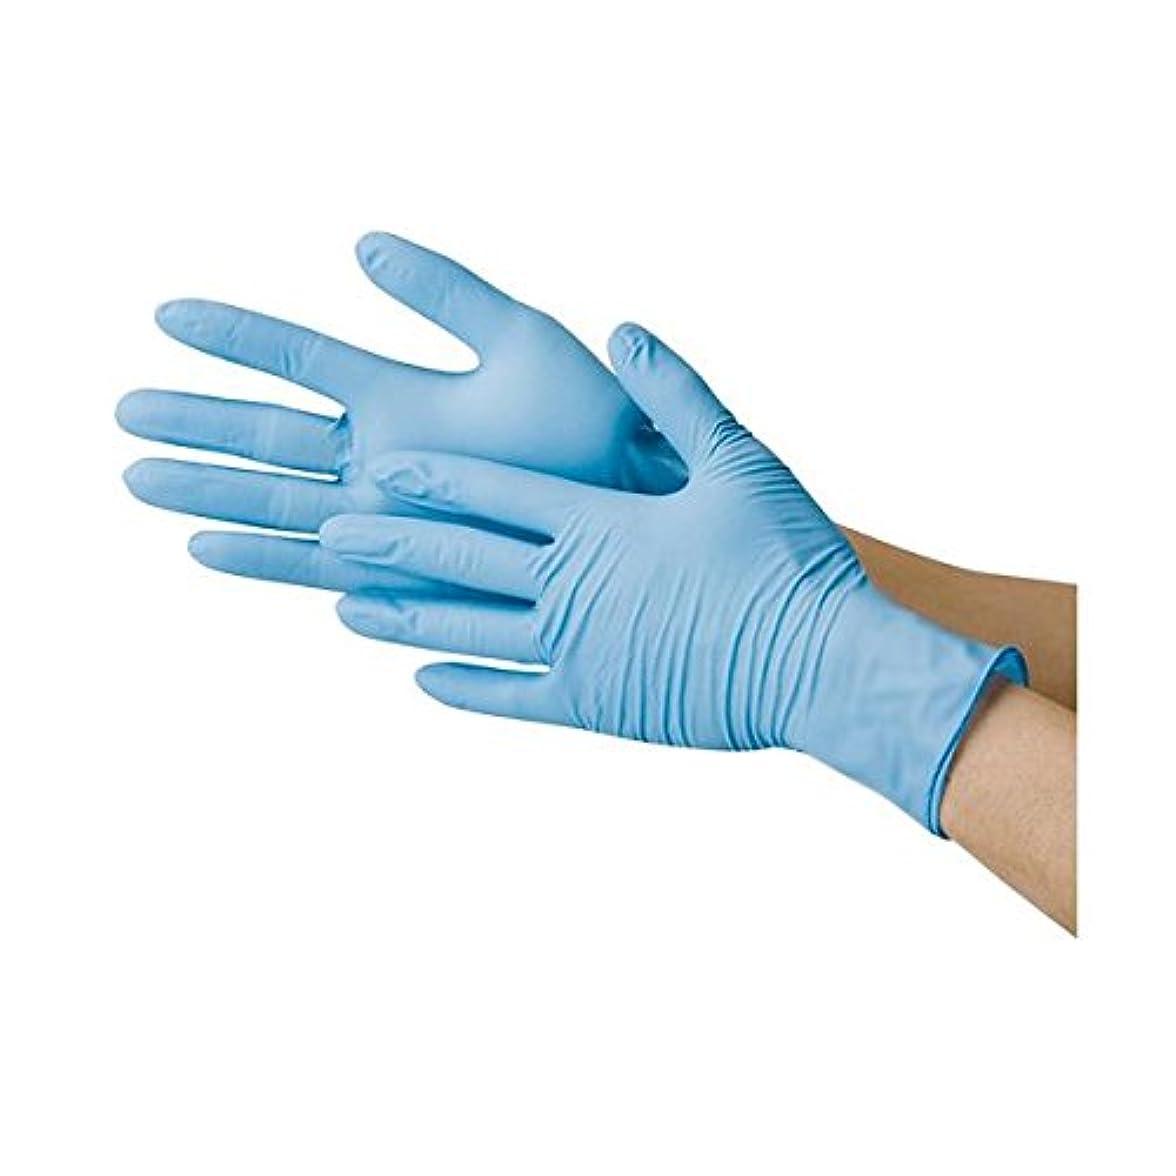 気怠い胚芽ラリーベルモント(業務用20セット) 川西工業 ニトリル極薄手袋 粉なし BS #2039 Sサイズ ブルー ダイエット 健康 衛生用品 その他の衛生用品 14067381 [並行輸入品]